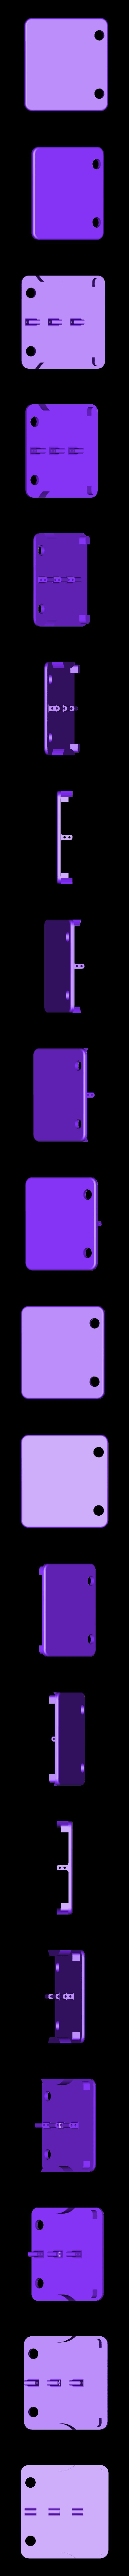 Cover_v2.stl Télécharger fichier STL gratuit Boucle Cobra (35mm) • Design pour impression 3D, SiberK